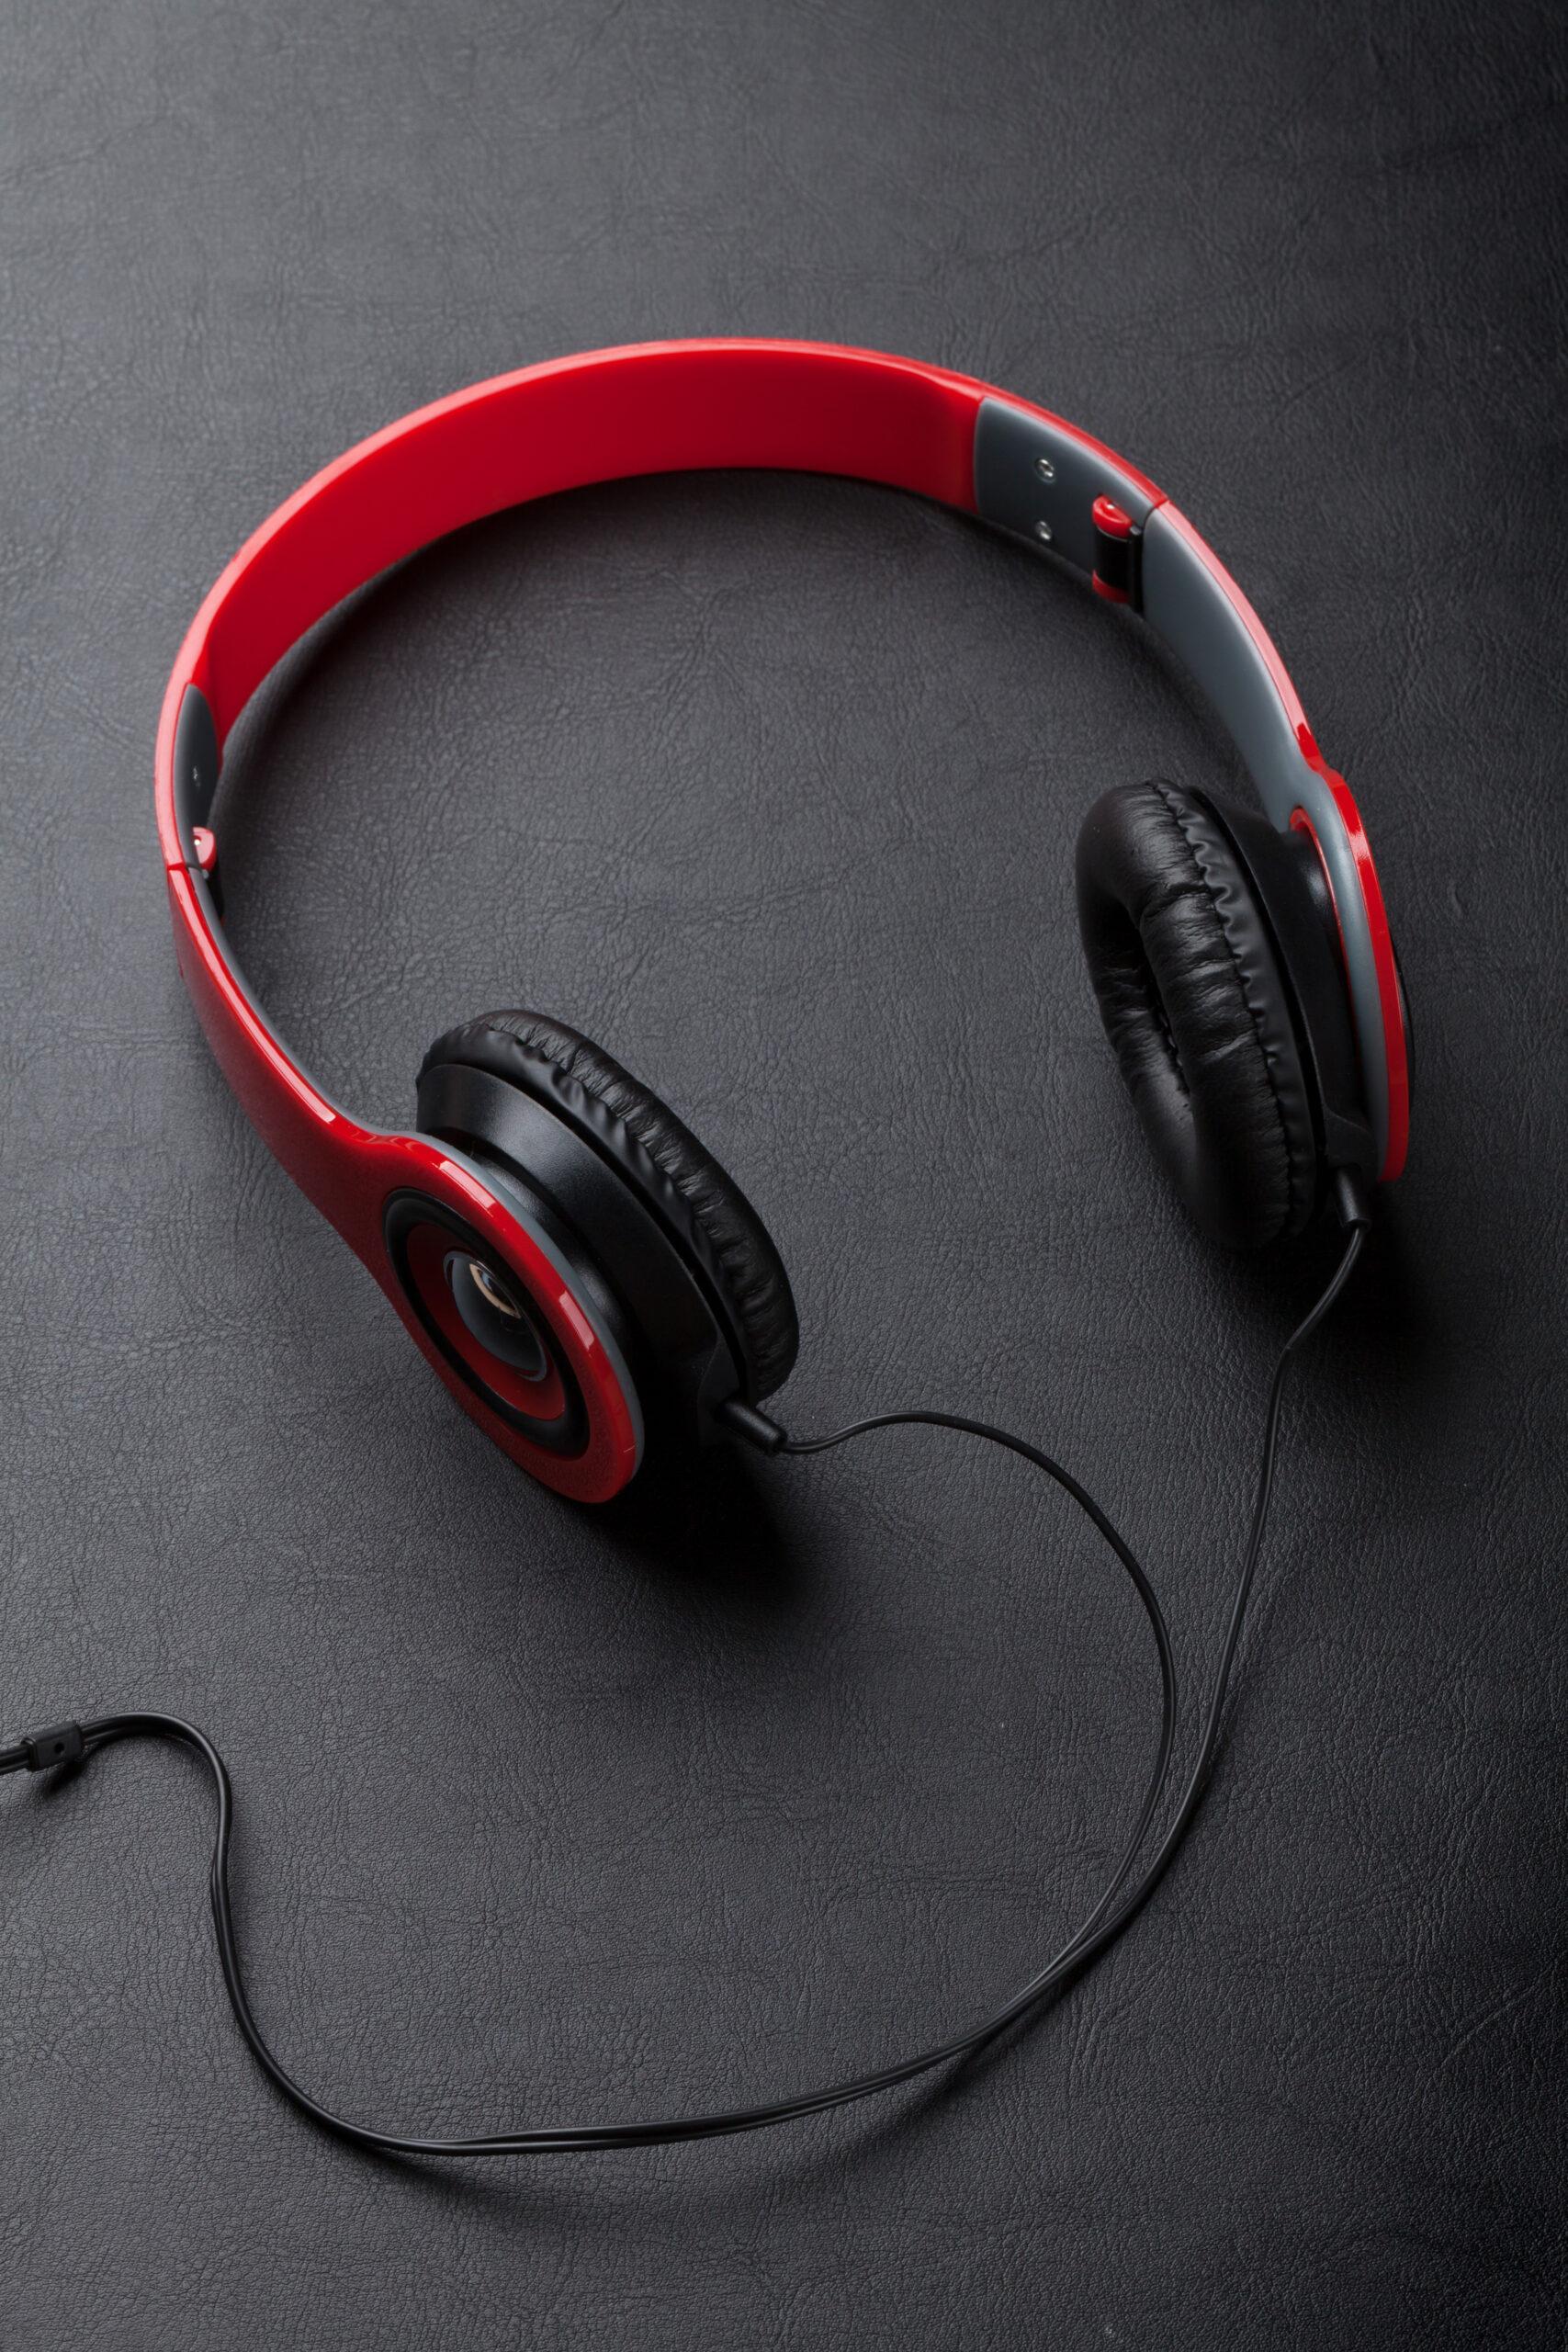 Headphones on black leather desk table